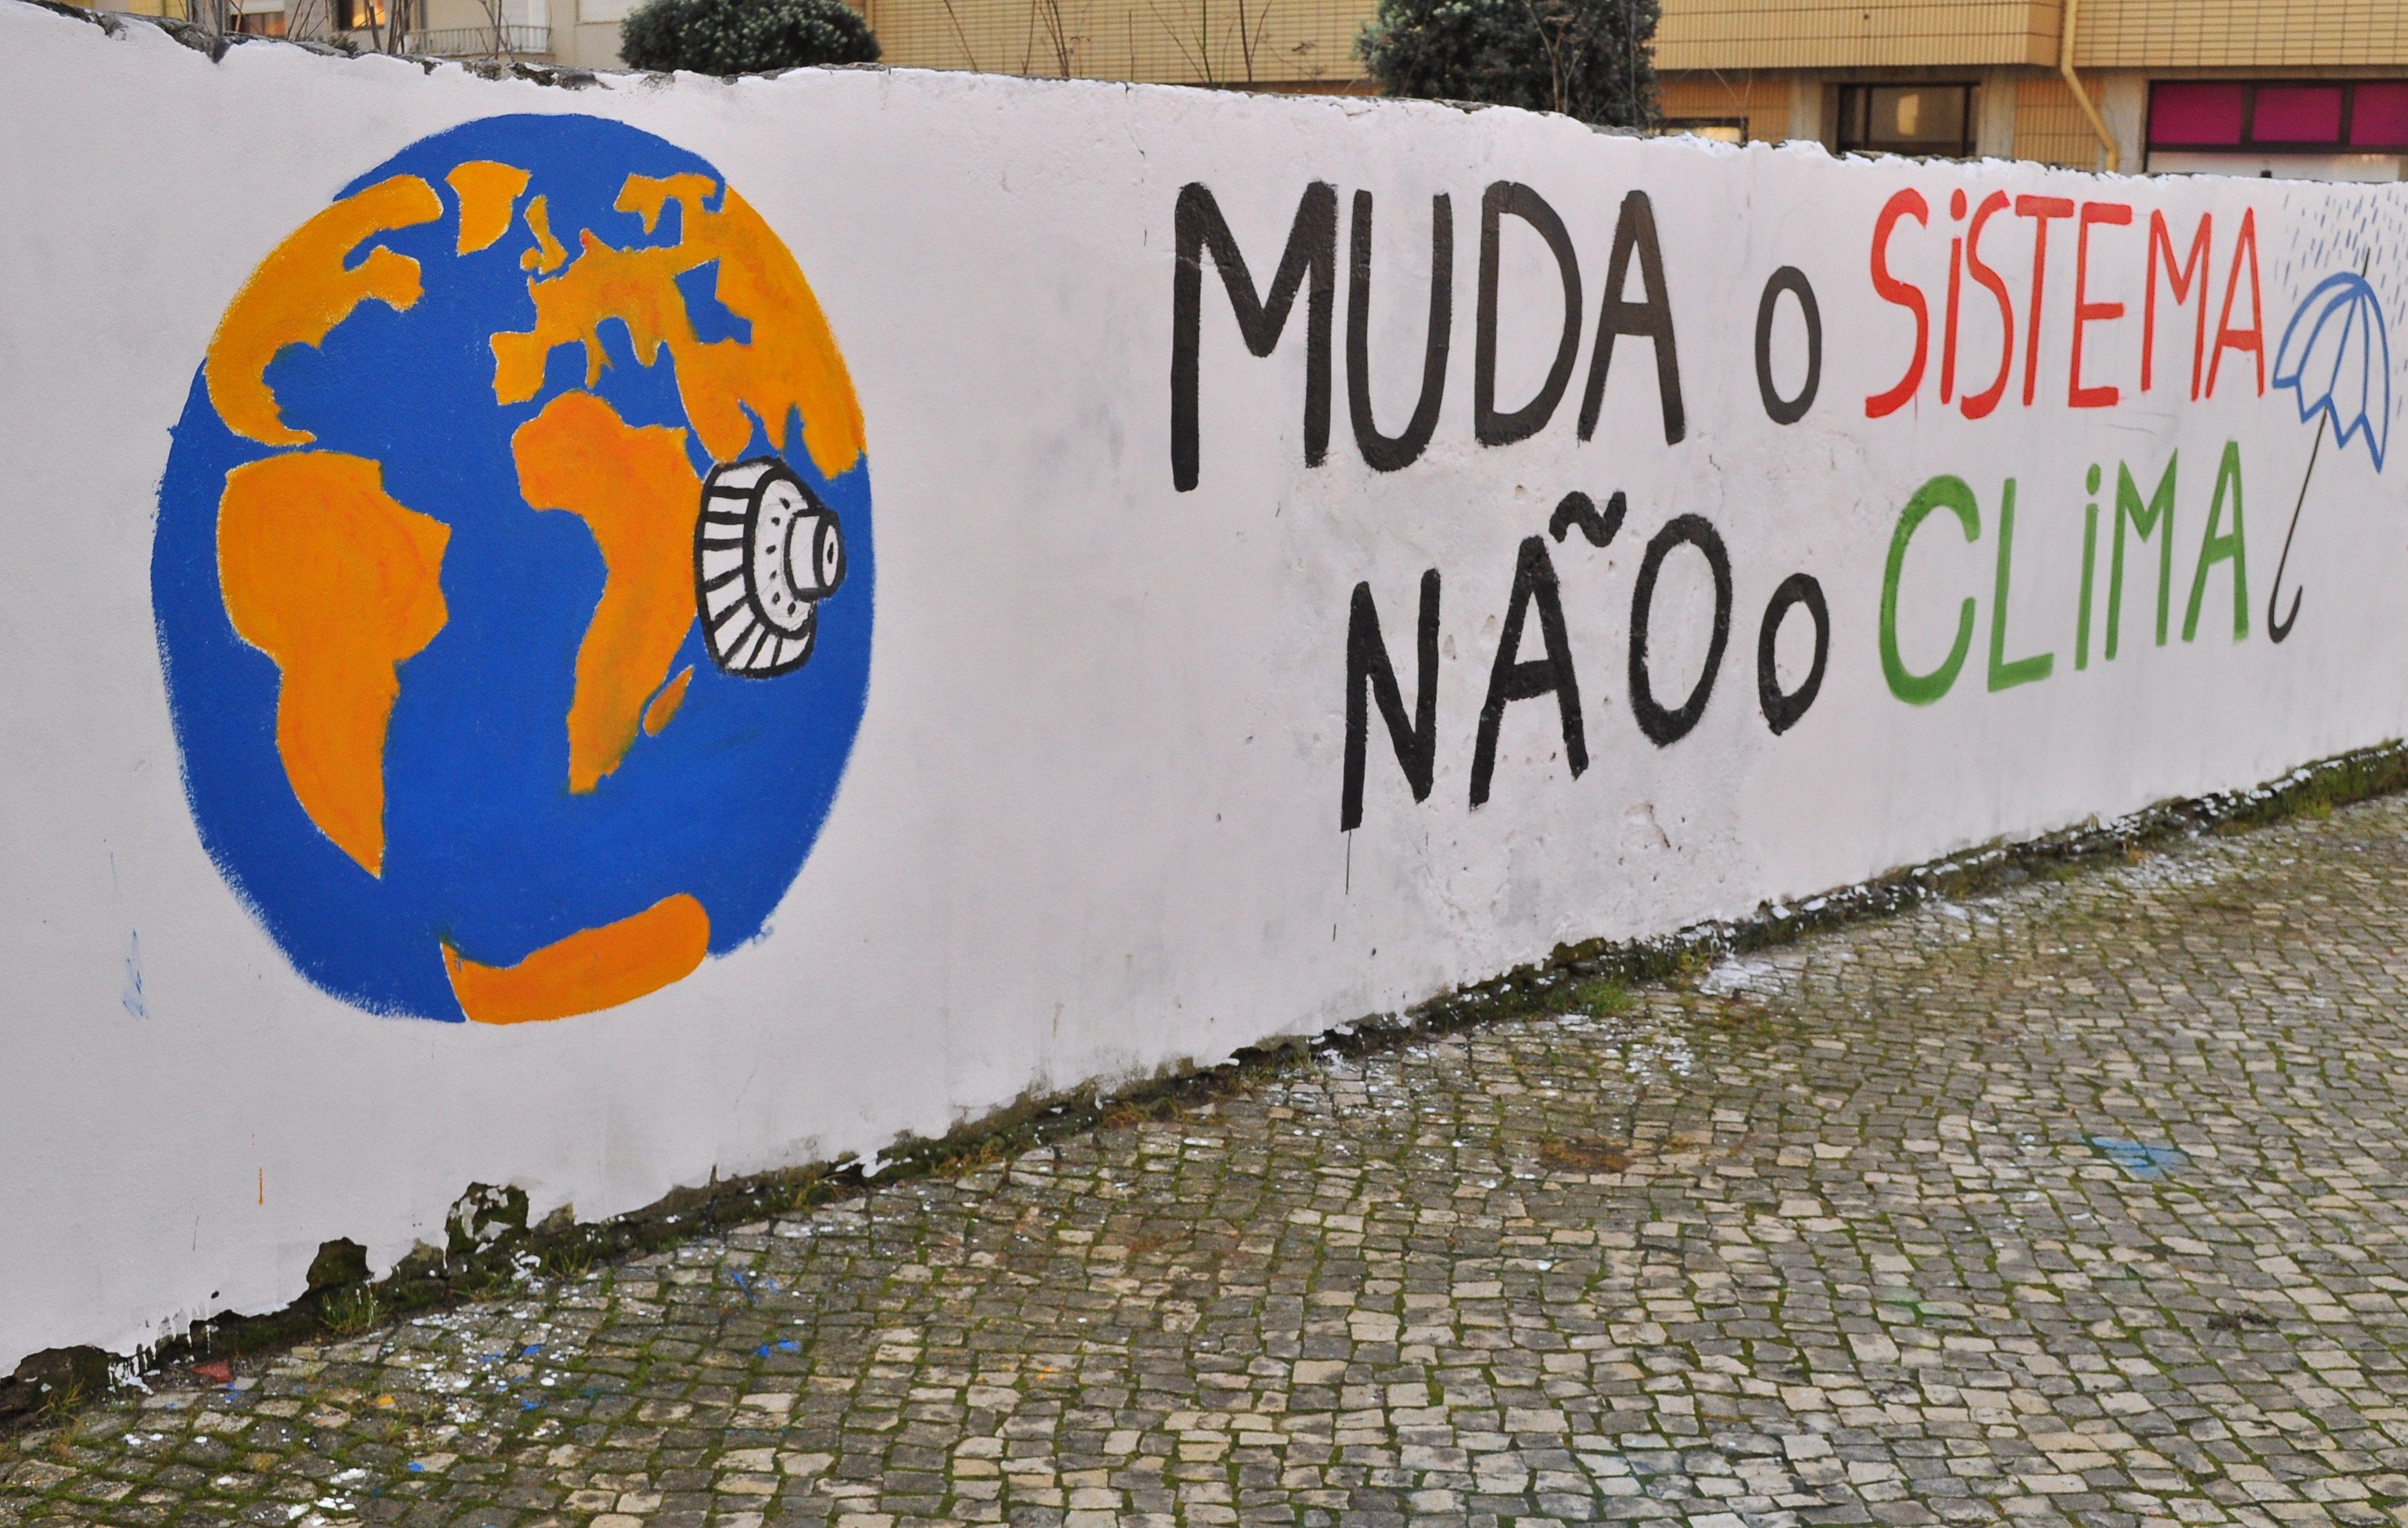 Marcha Mundial do Clima em Portugal: Fotos